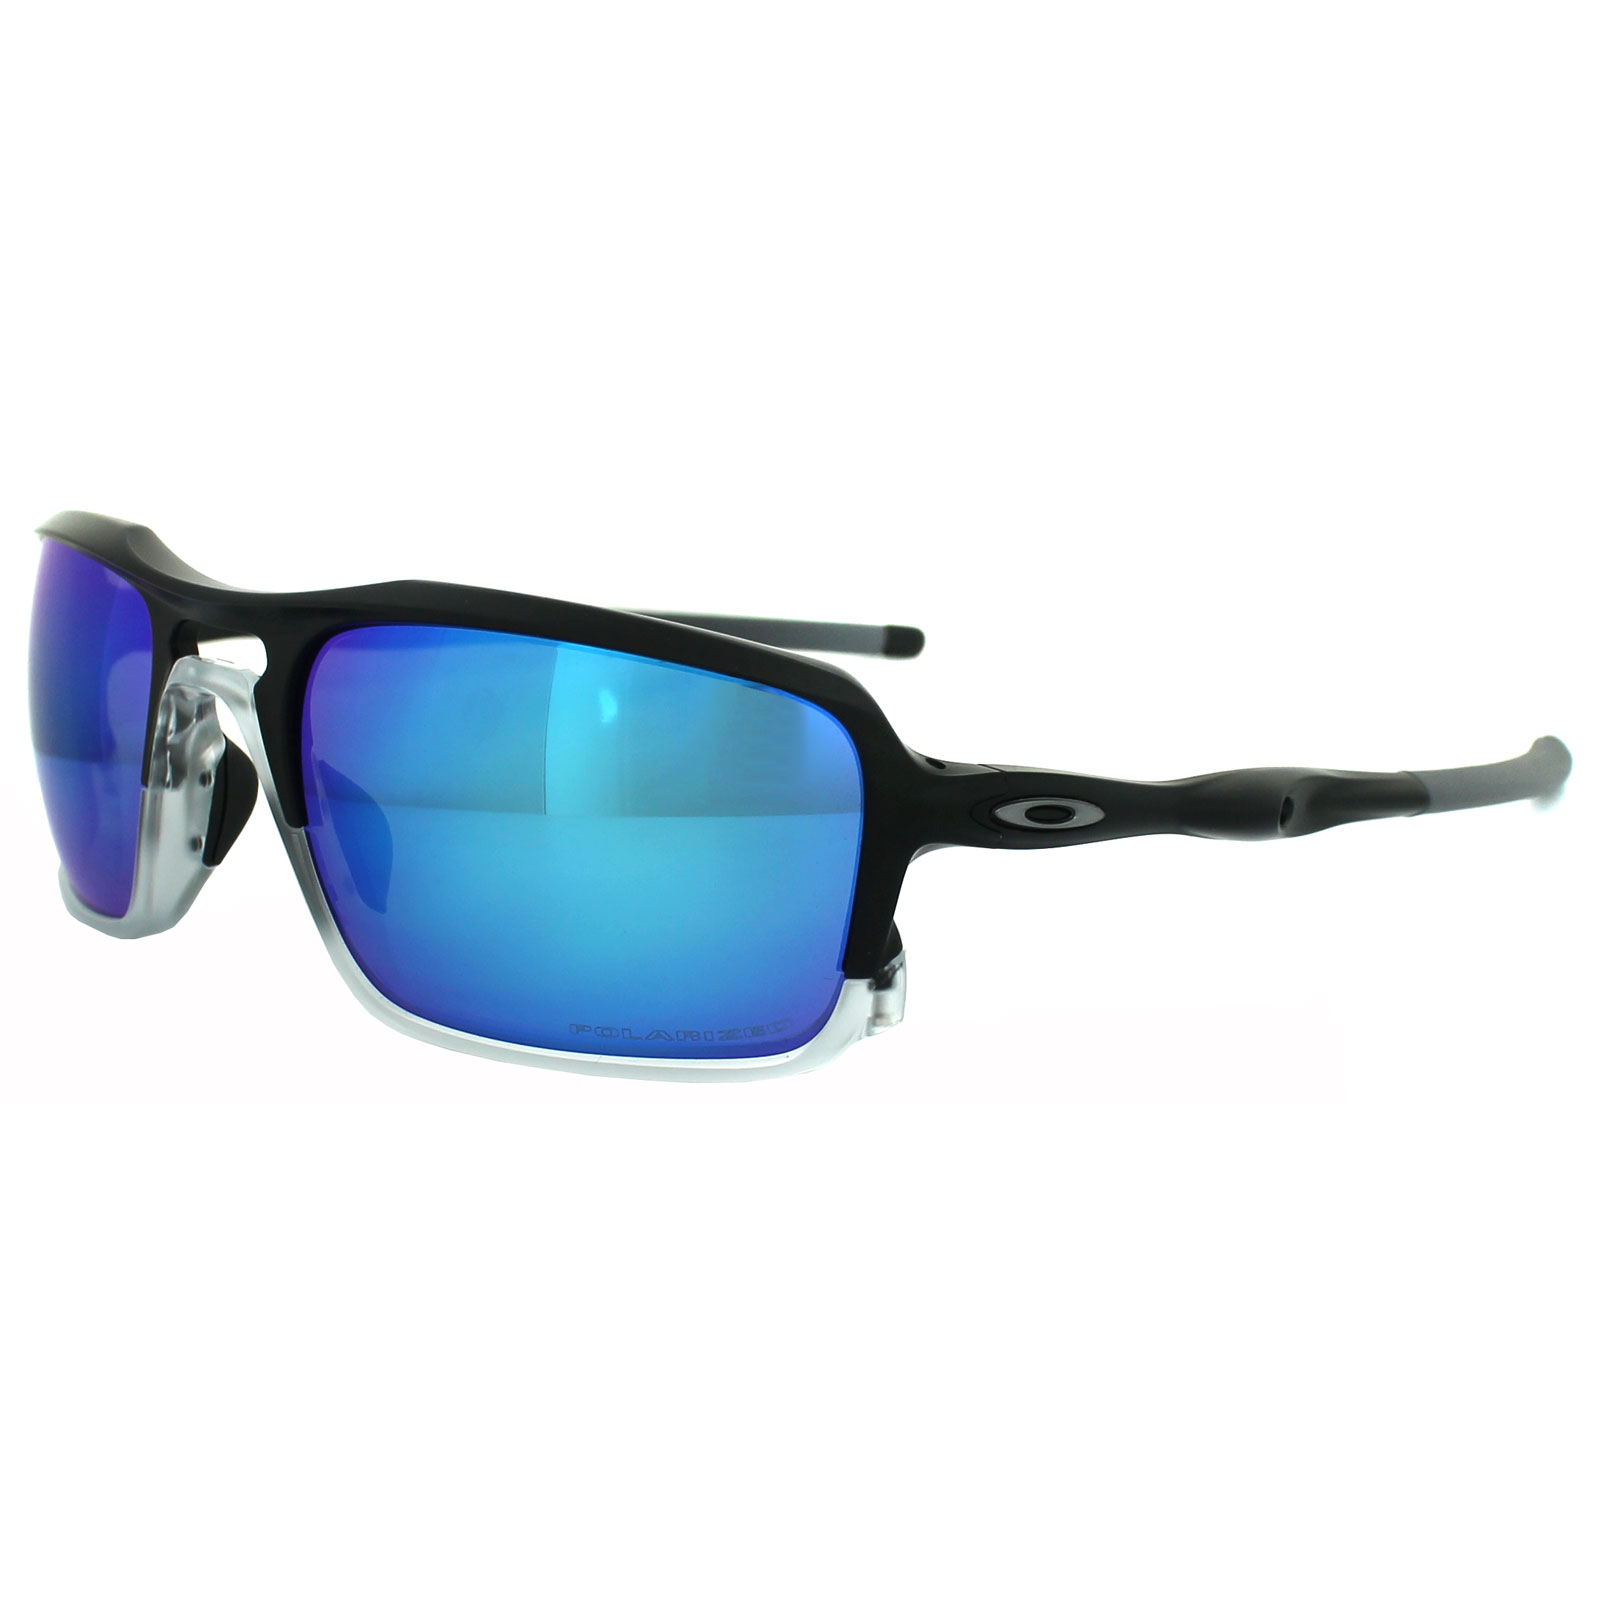 Oakley Triggerman Sonnenbrille Matte Black/Black Iridium YeXGcb4qUm